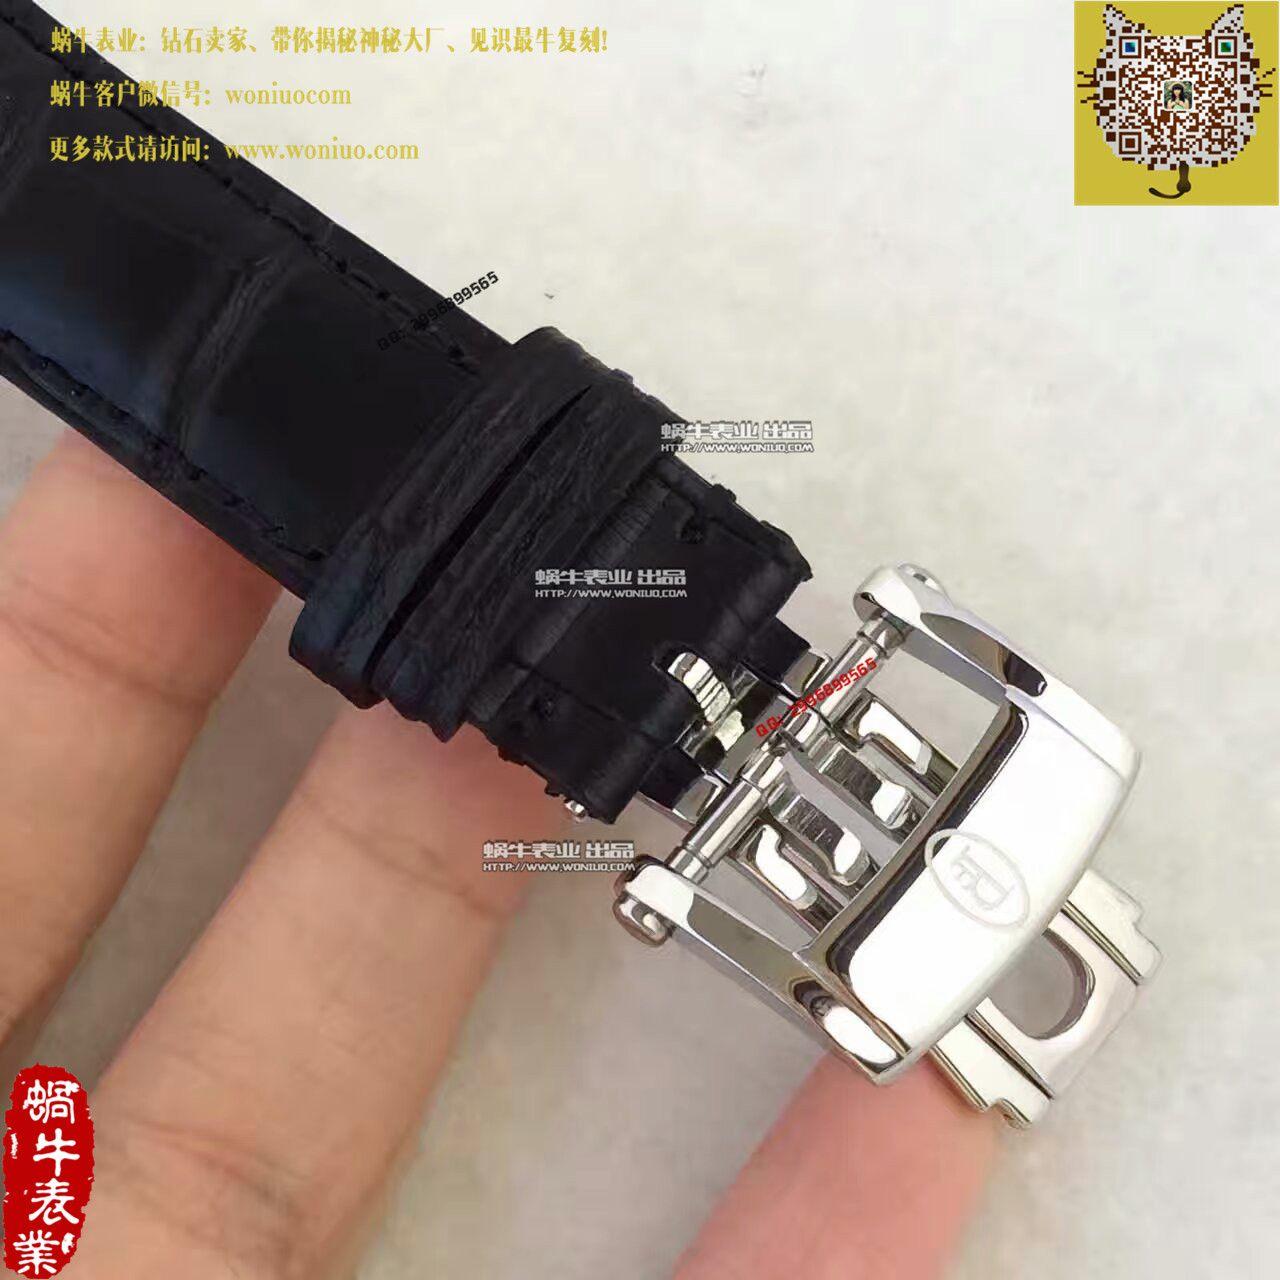 【1:1超A复刻手表】帕玛强尼Tonda系列Tonda 1950腕表 / PM023